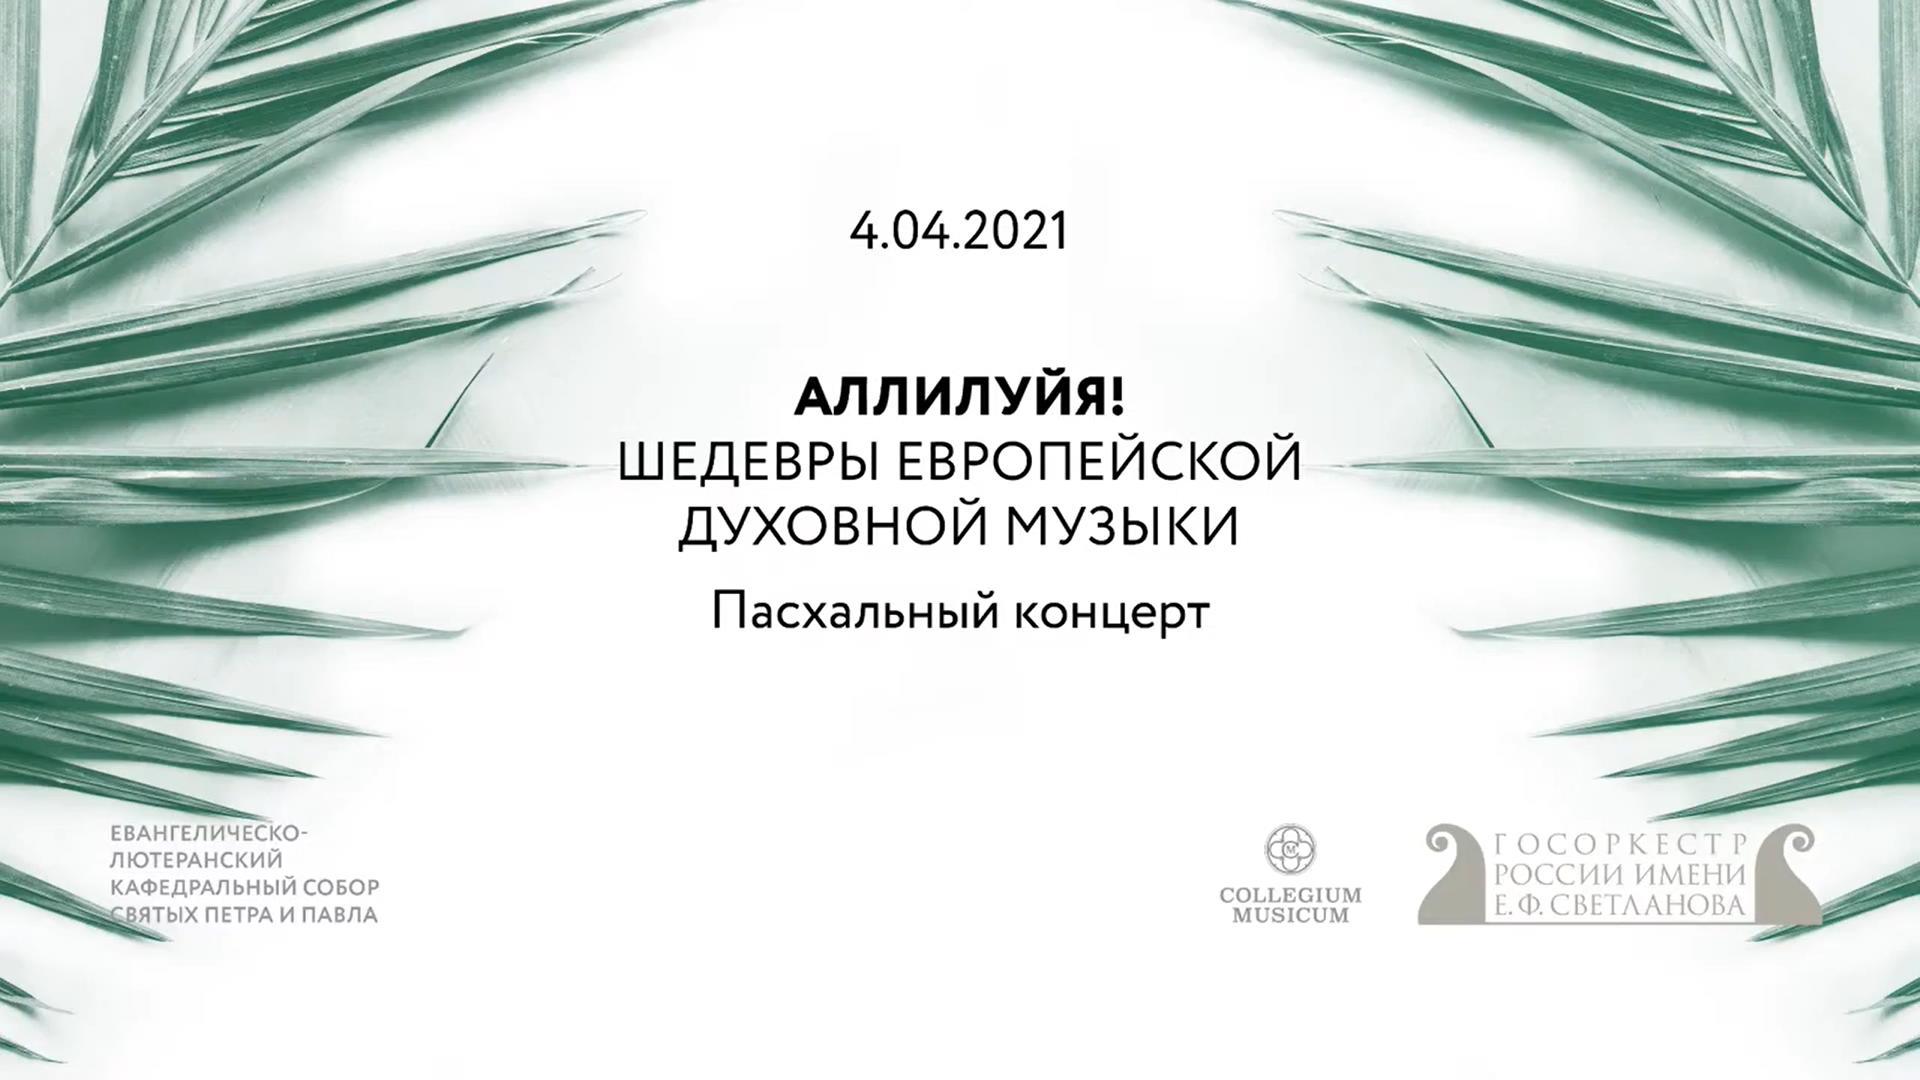 Концерт «Аллилуйя. Шедевры европейской духовной музыки» прошел в Москве